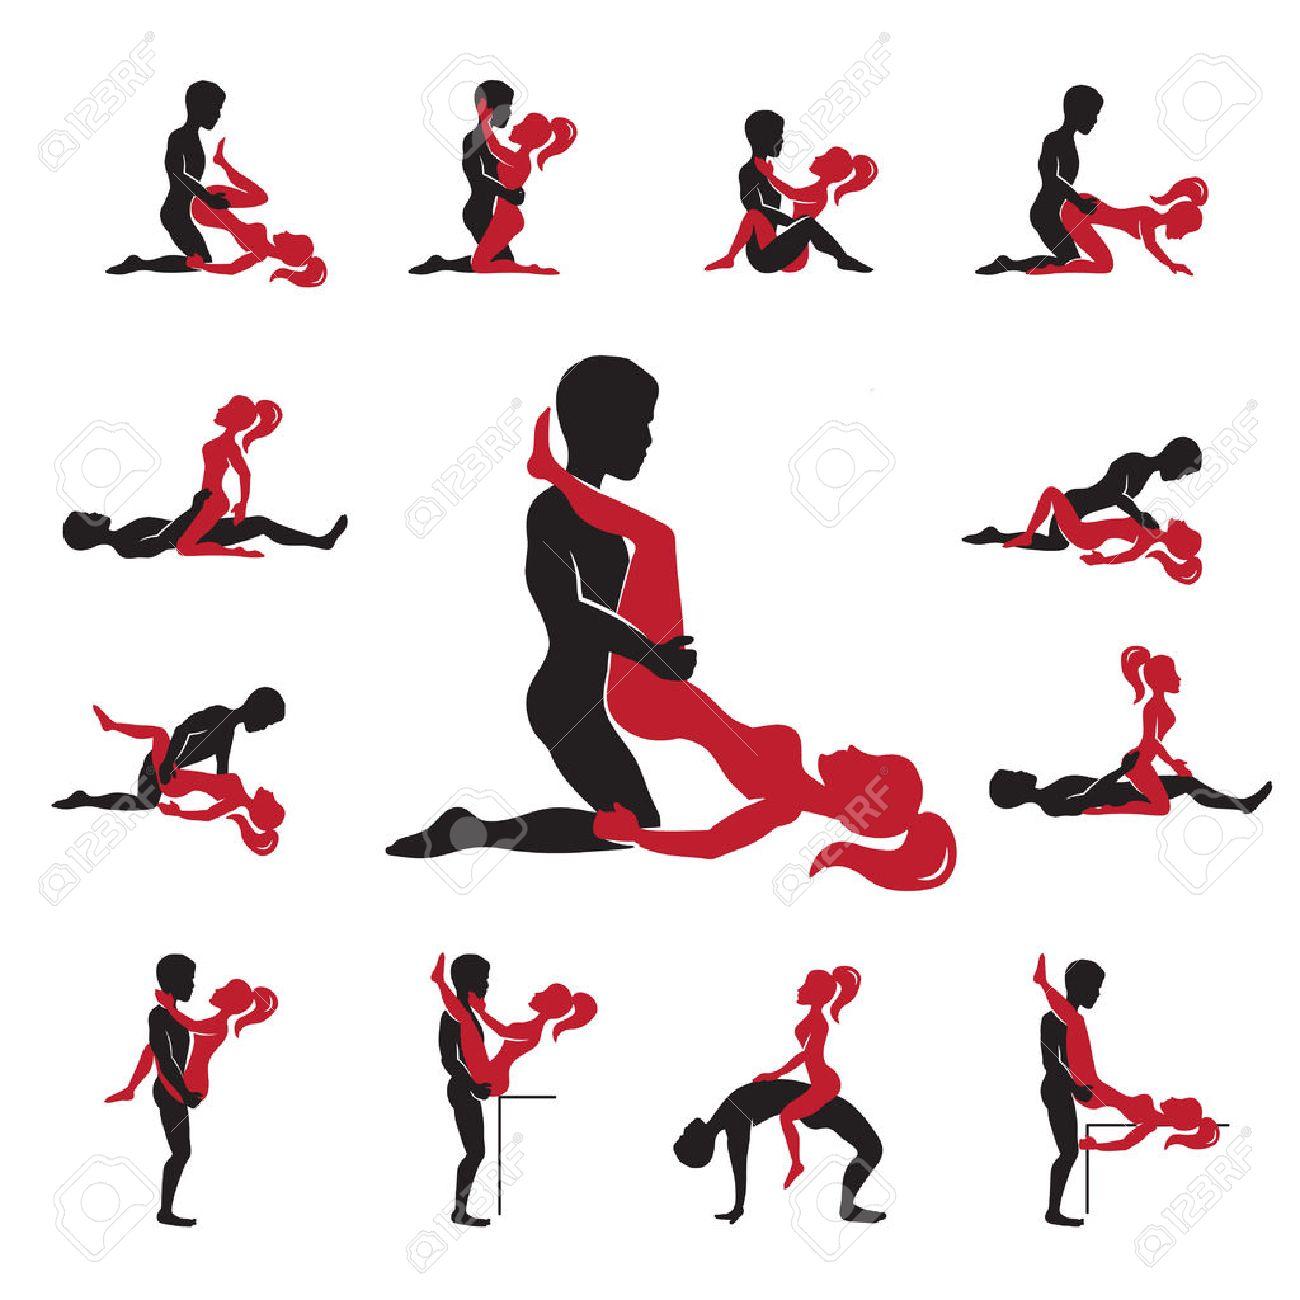 Foto de archivo - Posiciones amor Kama Sutra iconos negros rojos conjunto  ilustración vectorial aislado plana